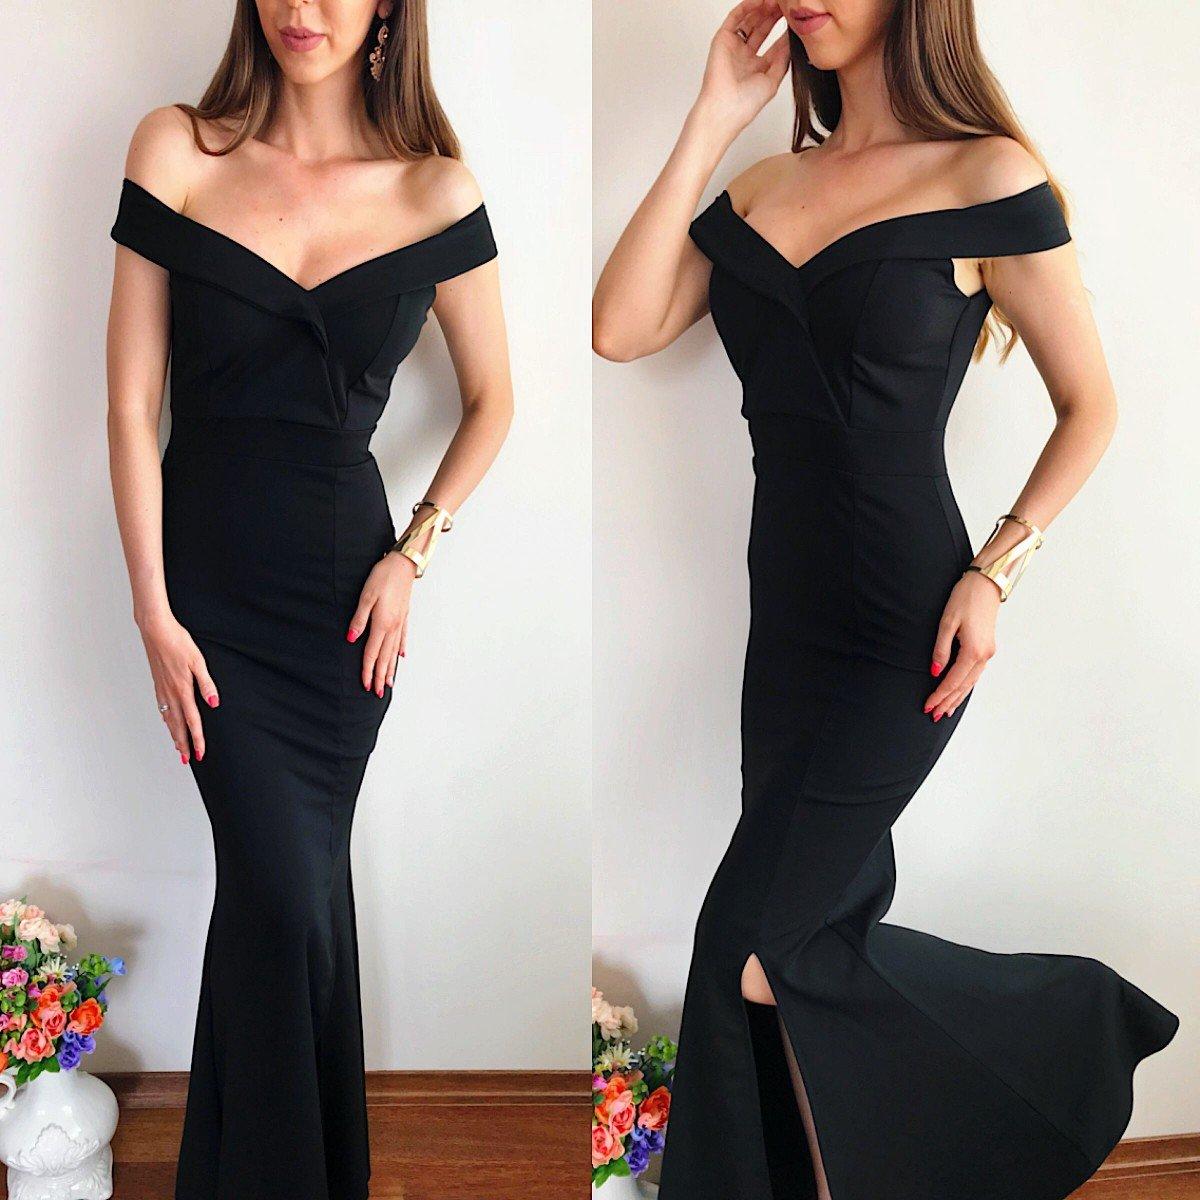 Rochie eleganta de ocazie neagra lunga cu umerii goi